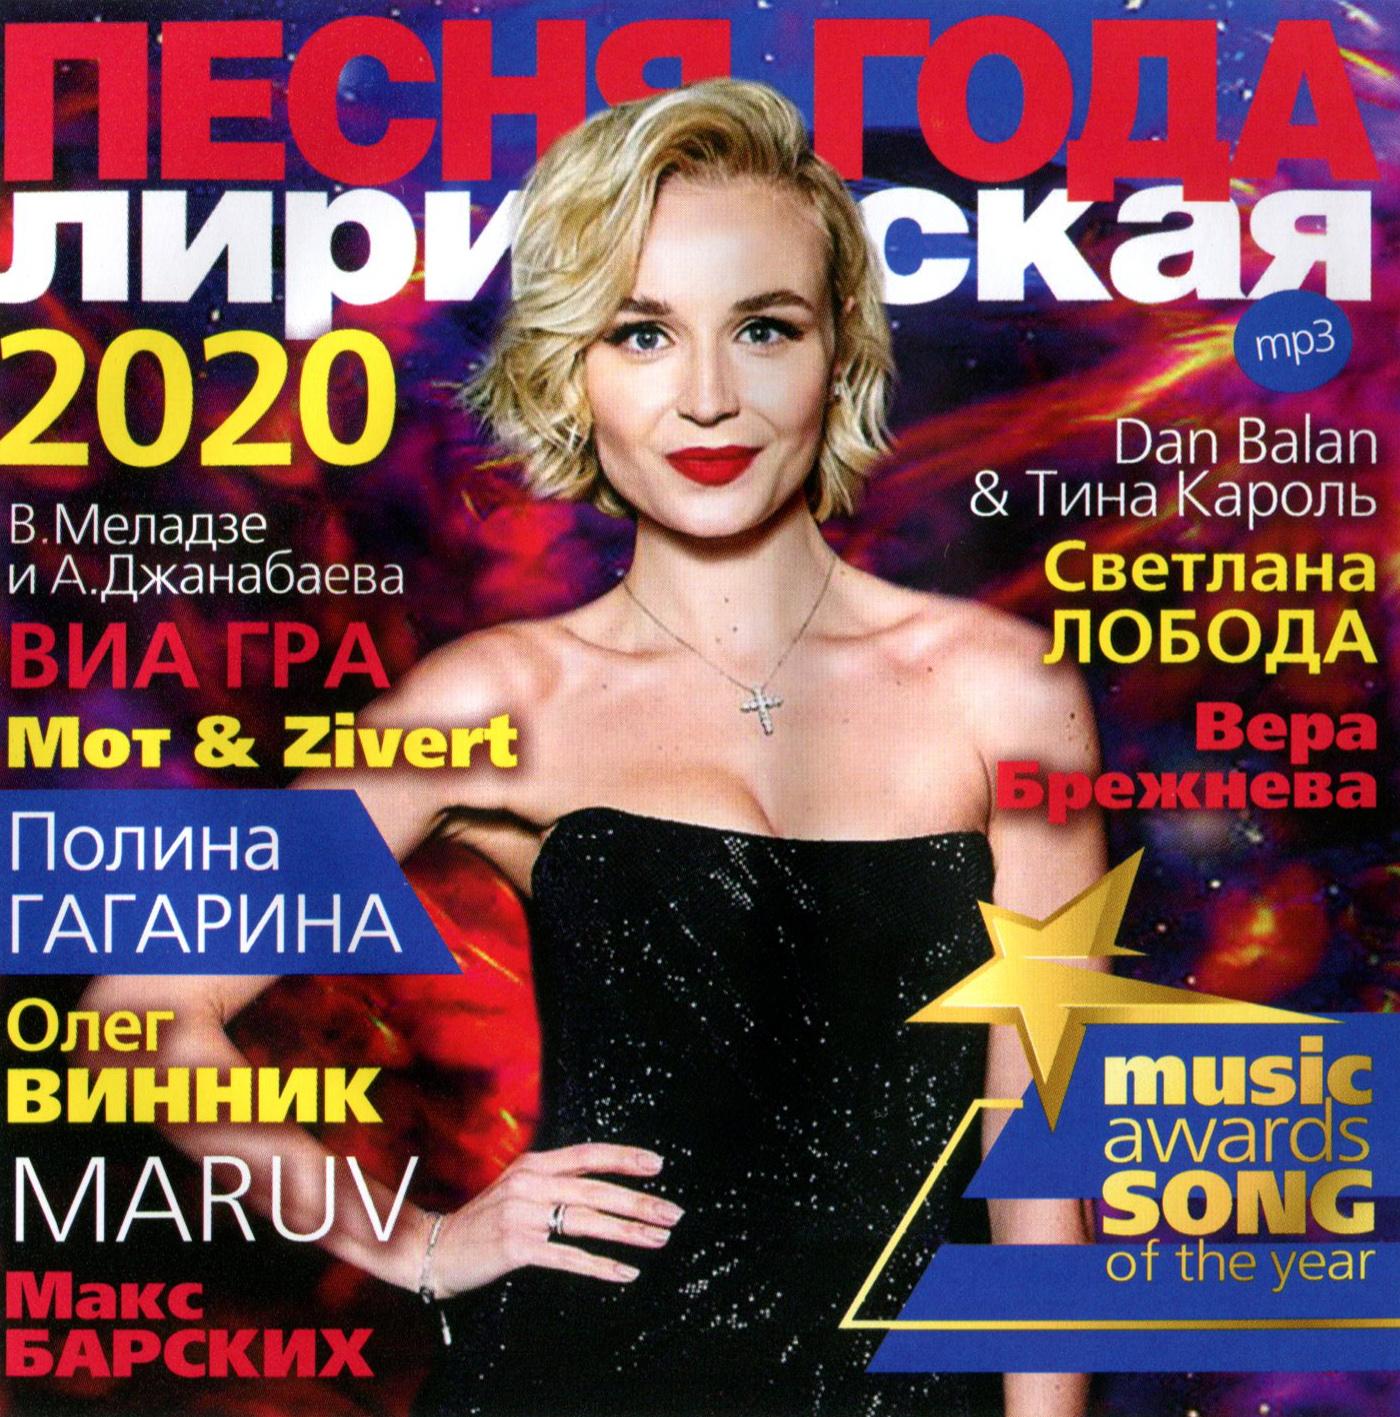 ПЕСНЯ ГОДА - 2020 лирическая [mp3]